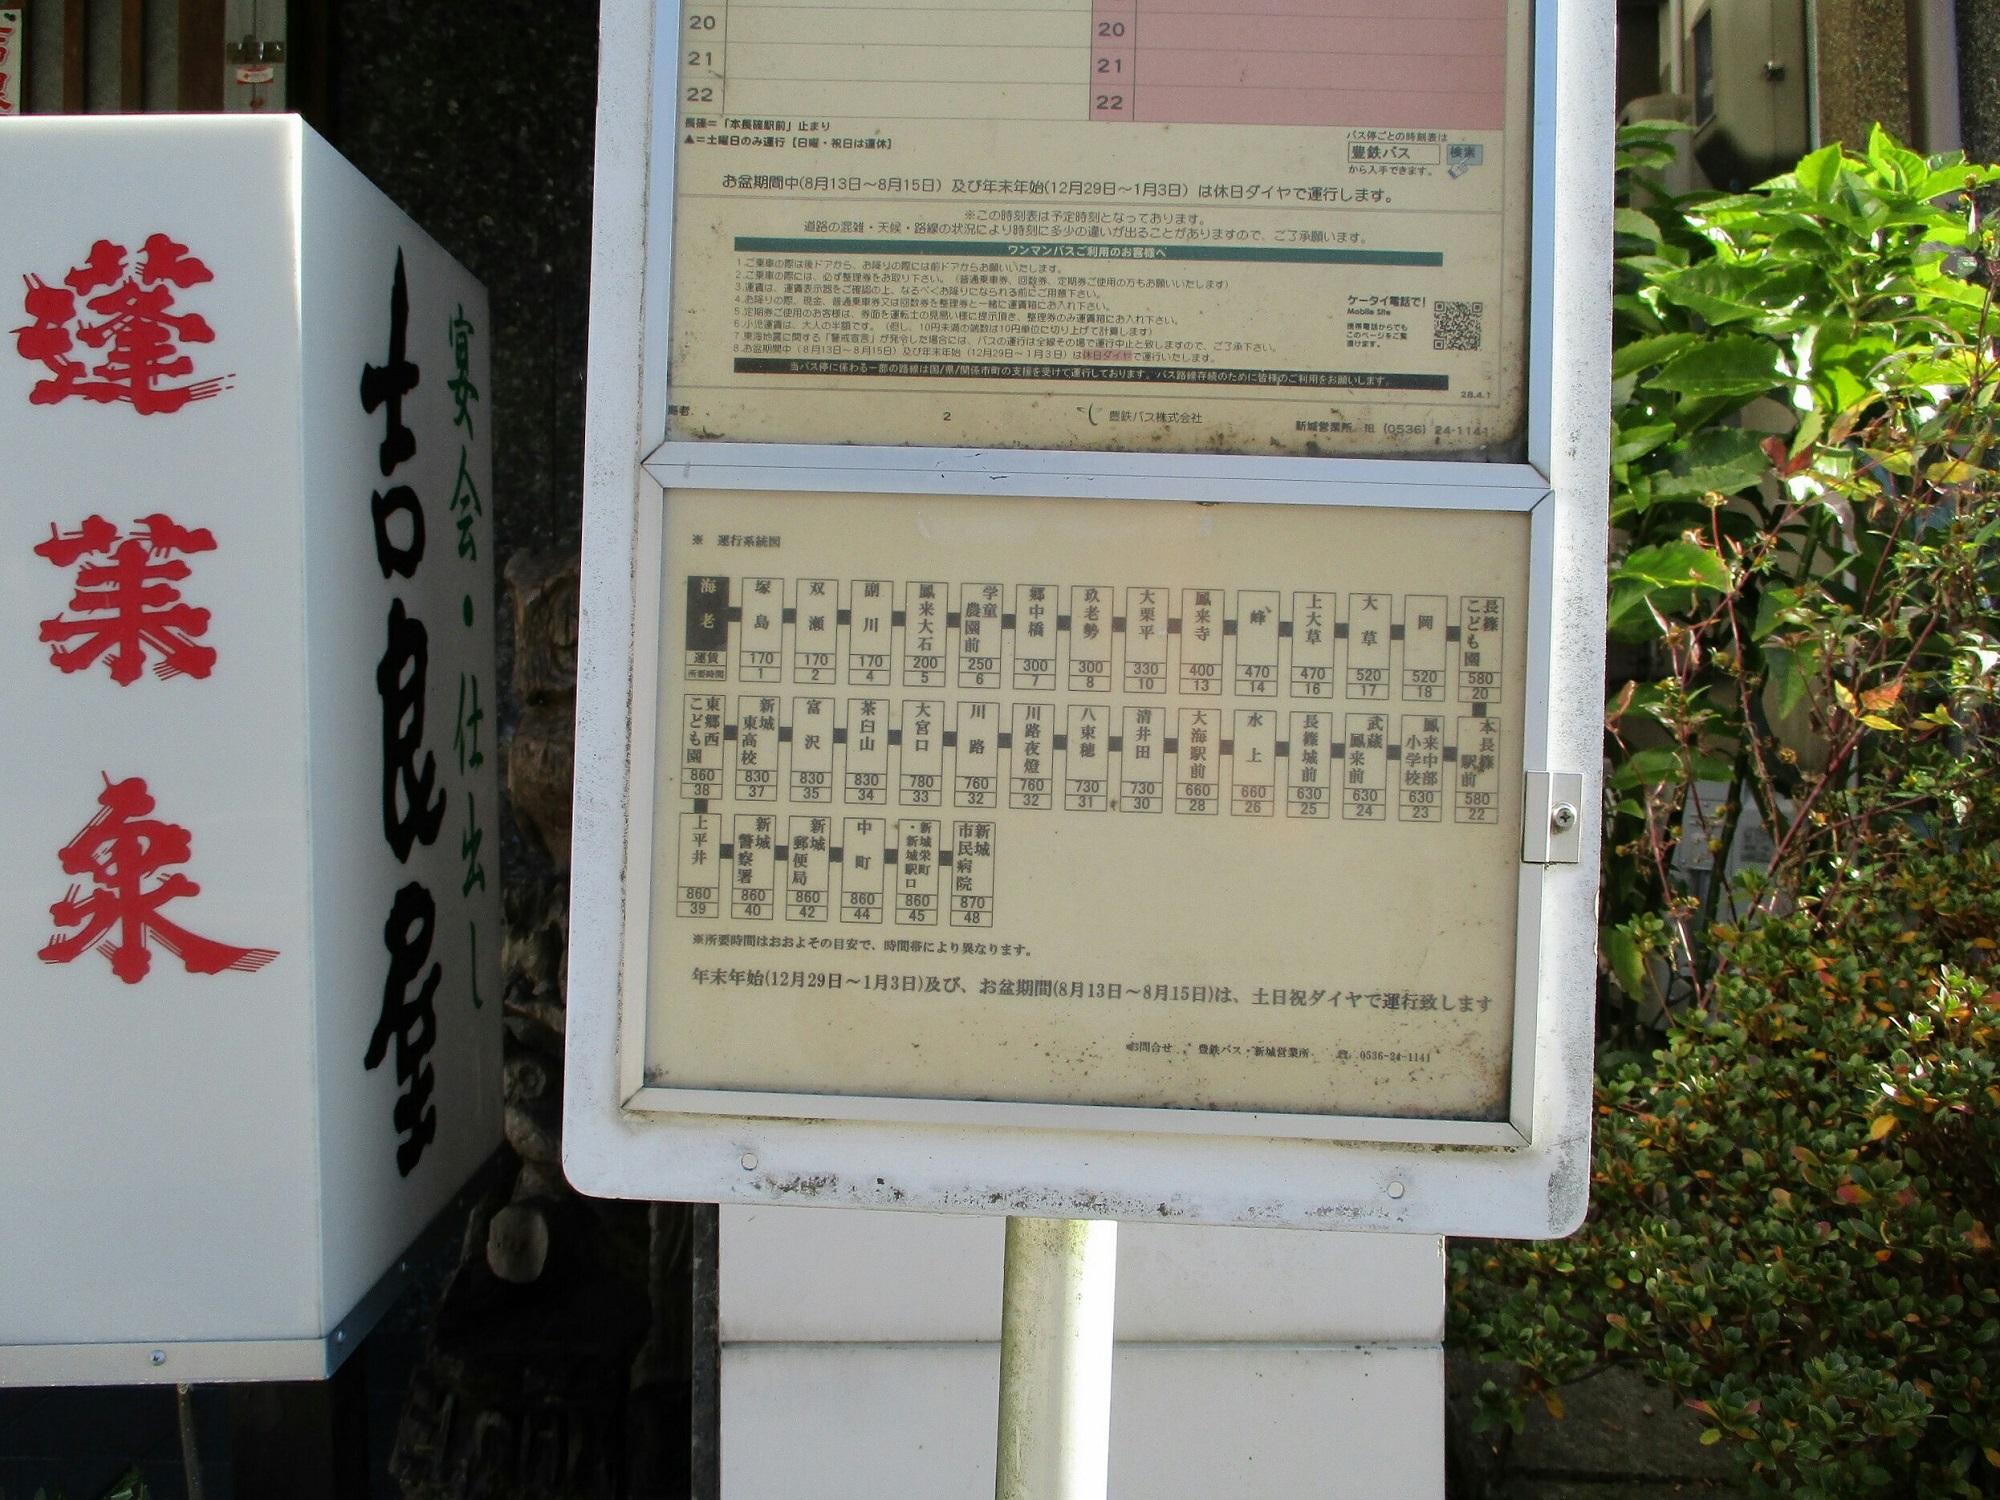 2018.12.14 (103) 海老バス停 - 運行系統図 2000-1500